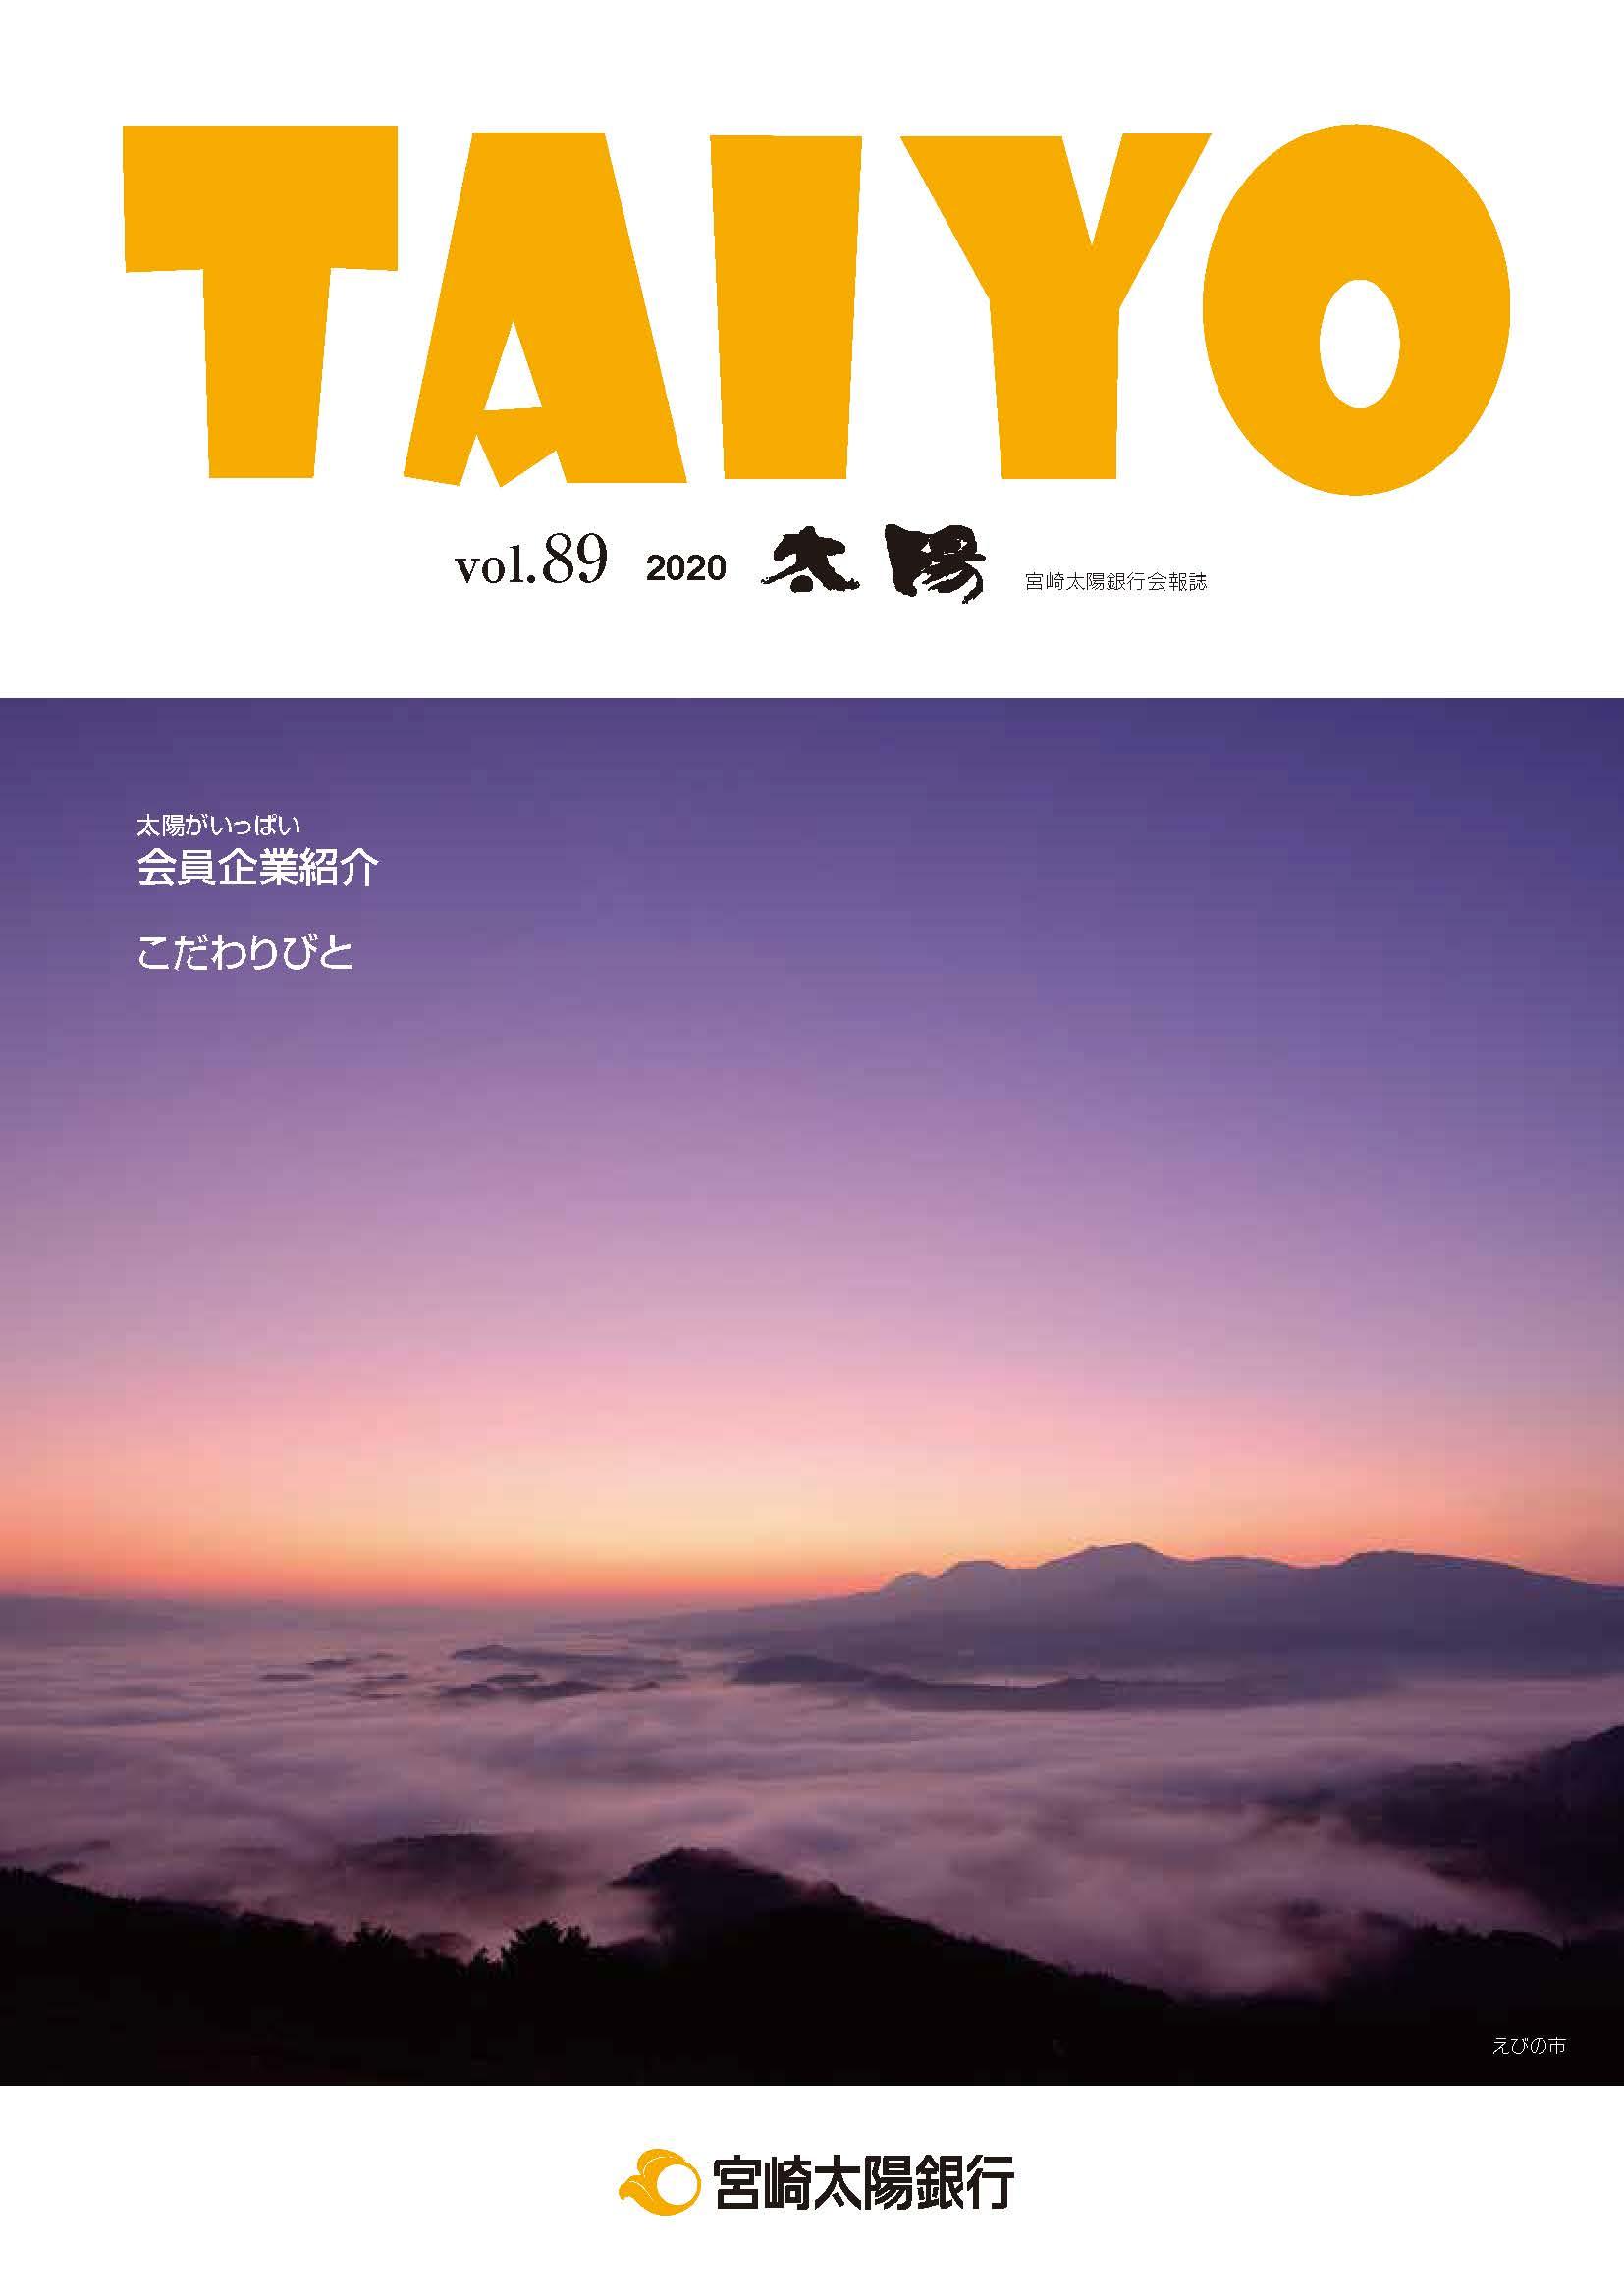 「太陽」VOL89 特集・・・南九州が舞台!?『日本書紀』完成から1300年など